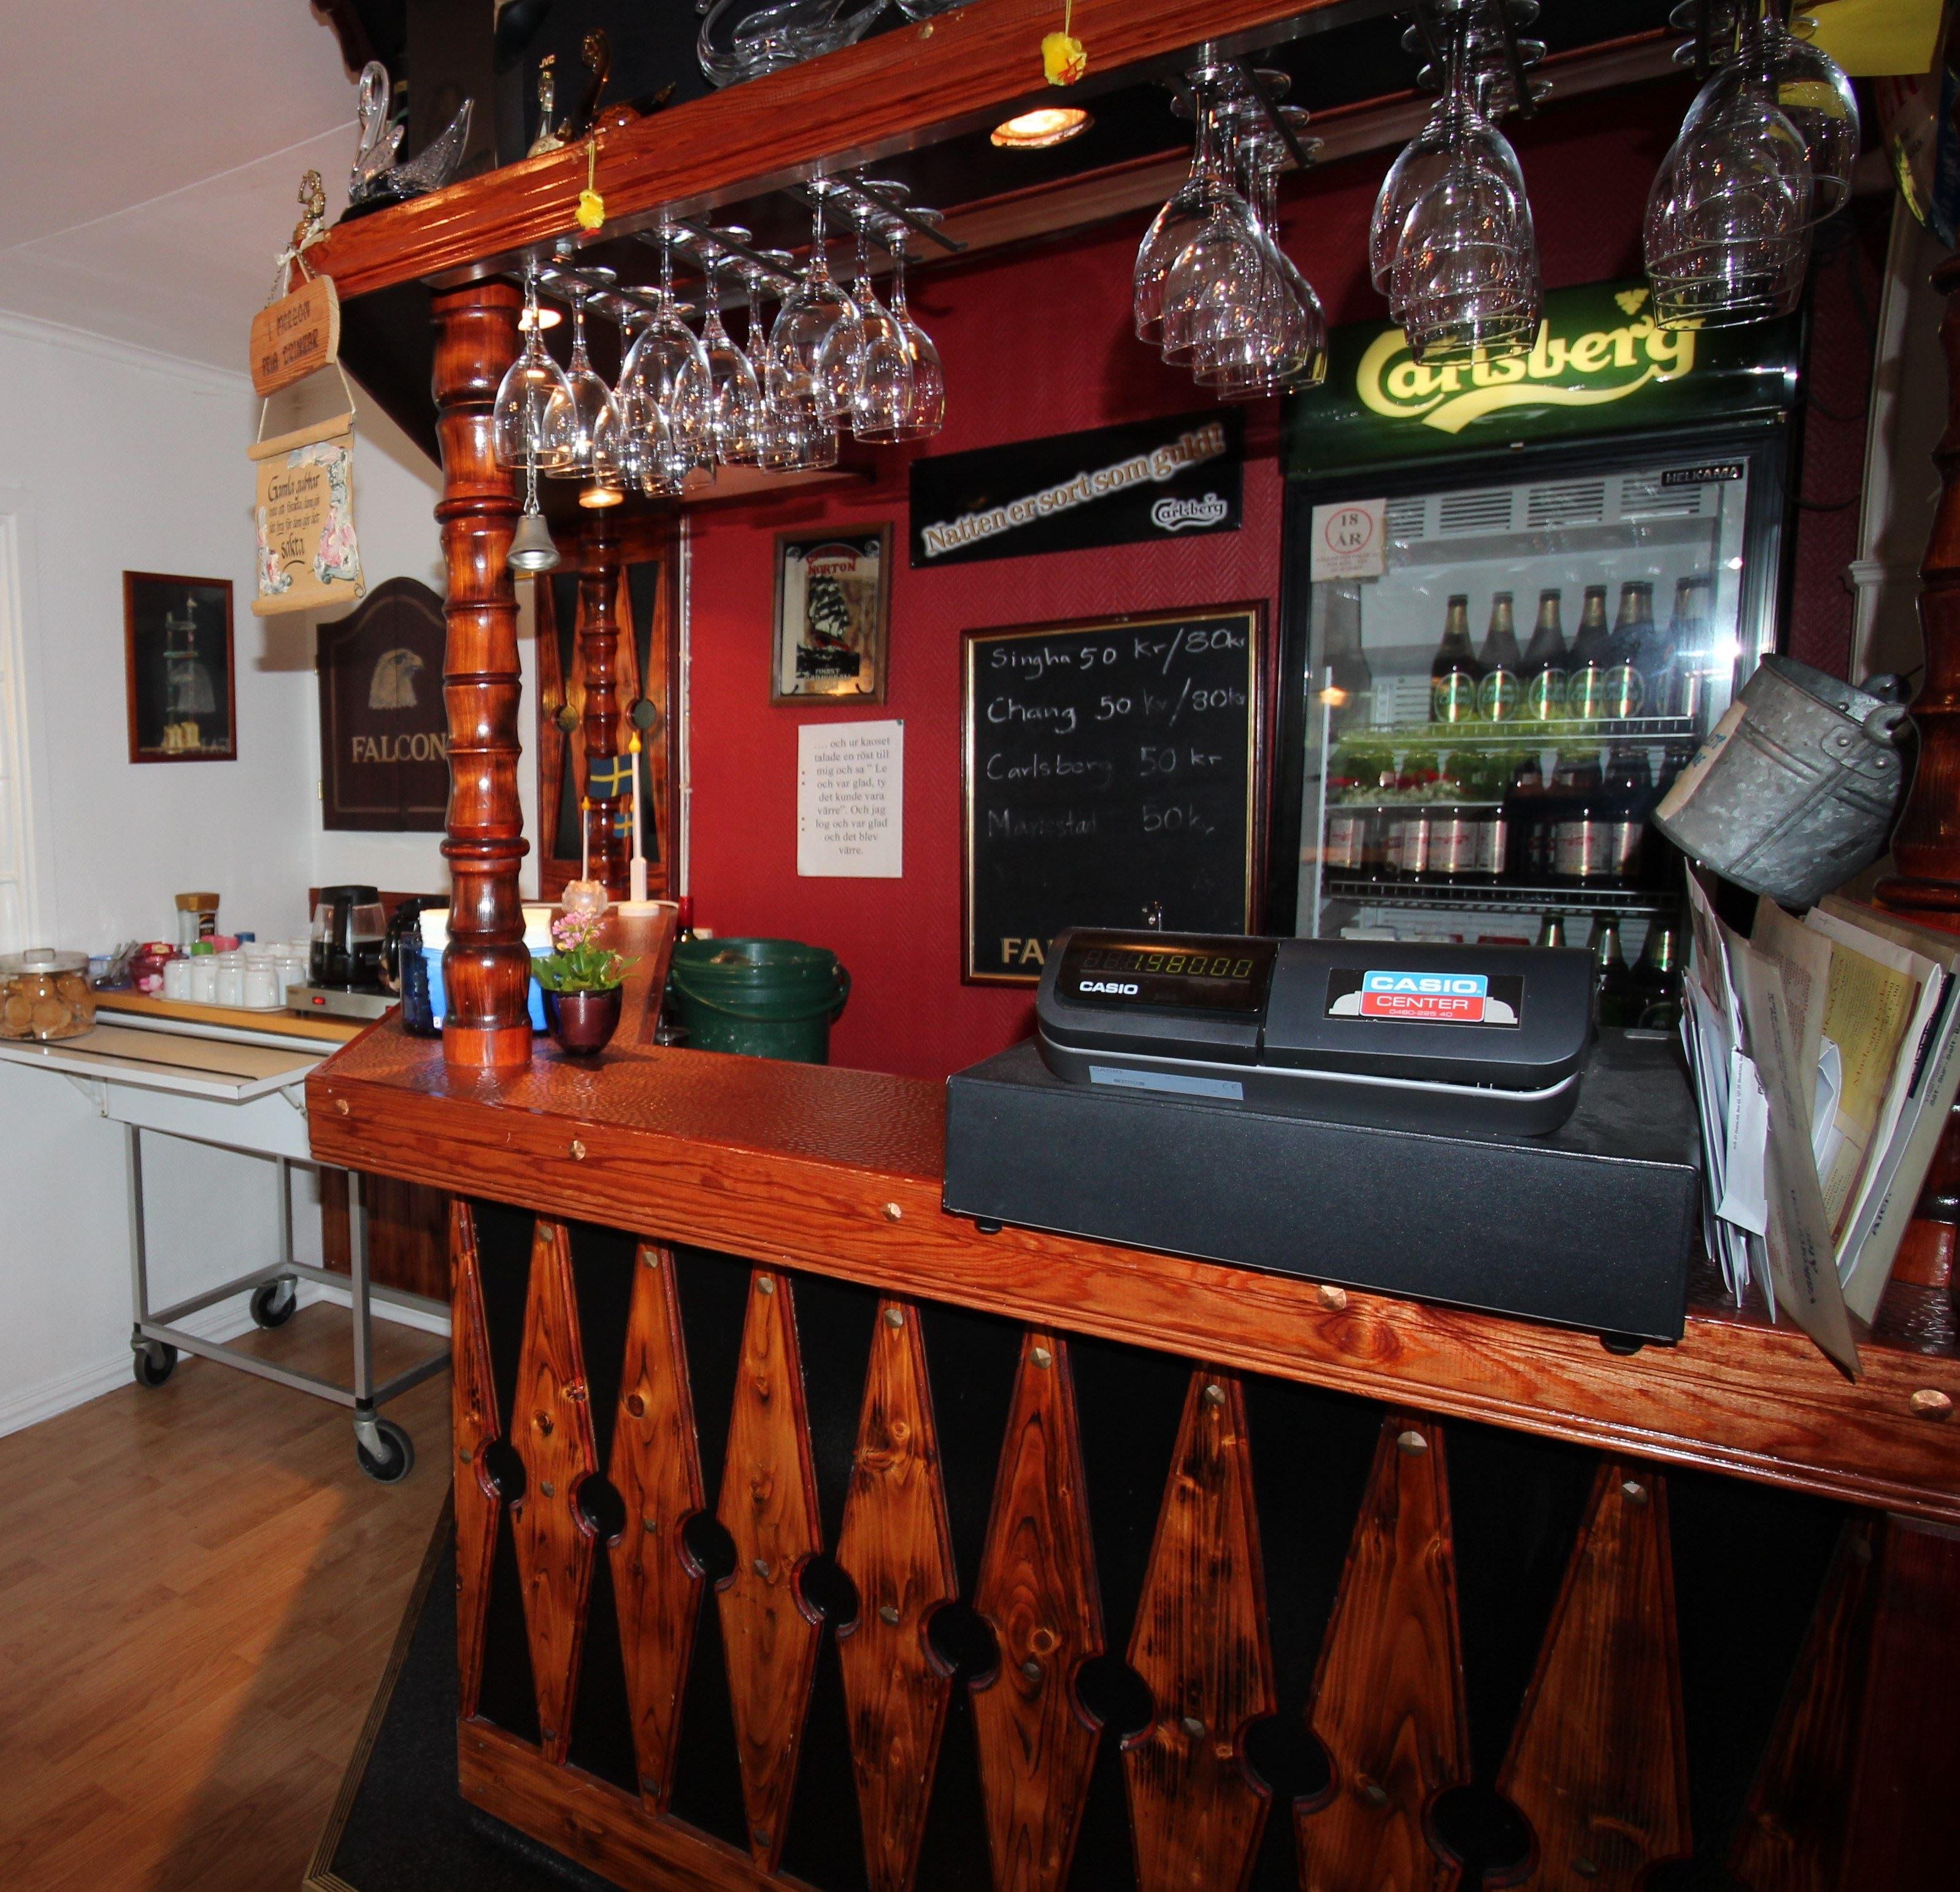 Orrefors Hotell & Restaurang